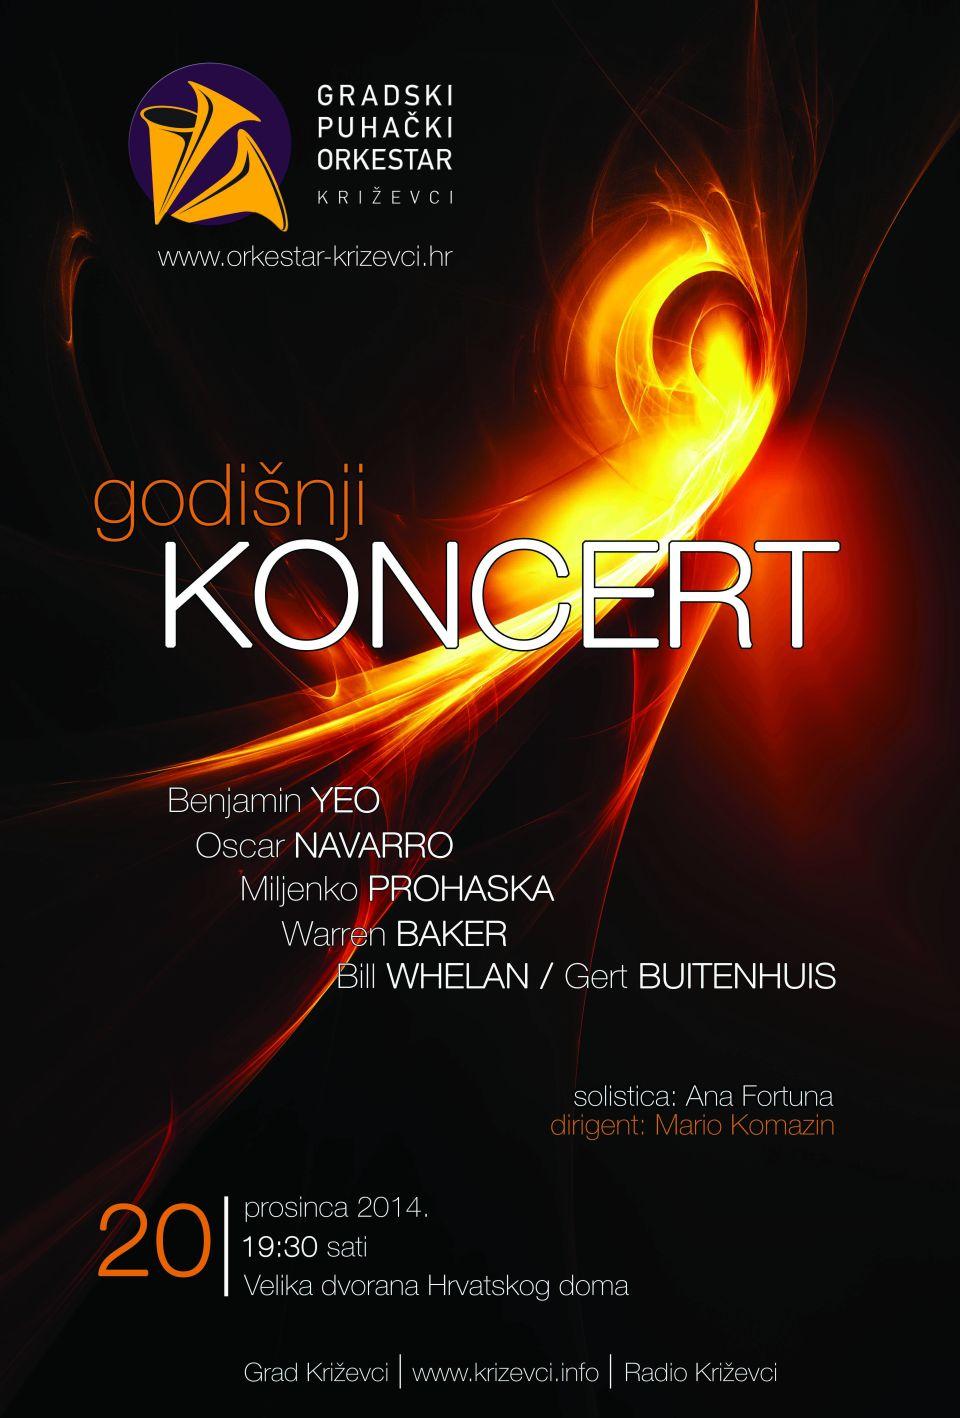 GPOK_Gradski_puhacki_orkestar_Krizevci_Bozicni_koncert_2014